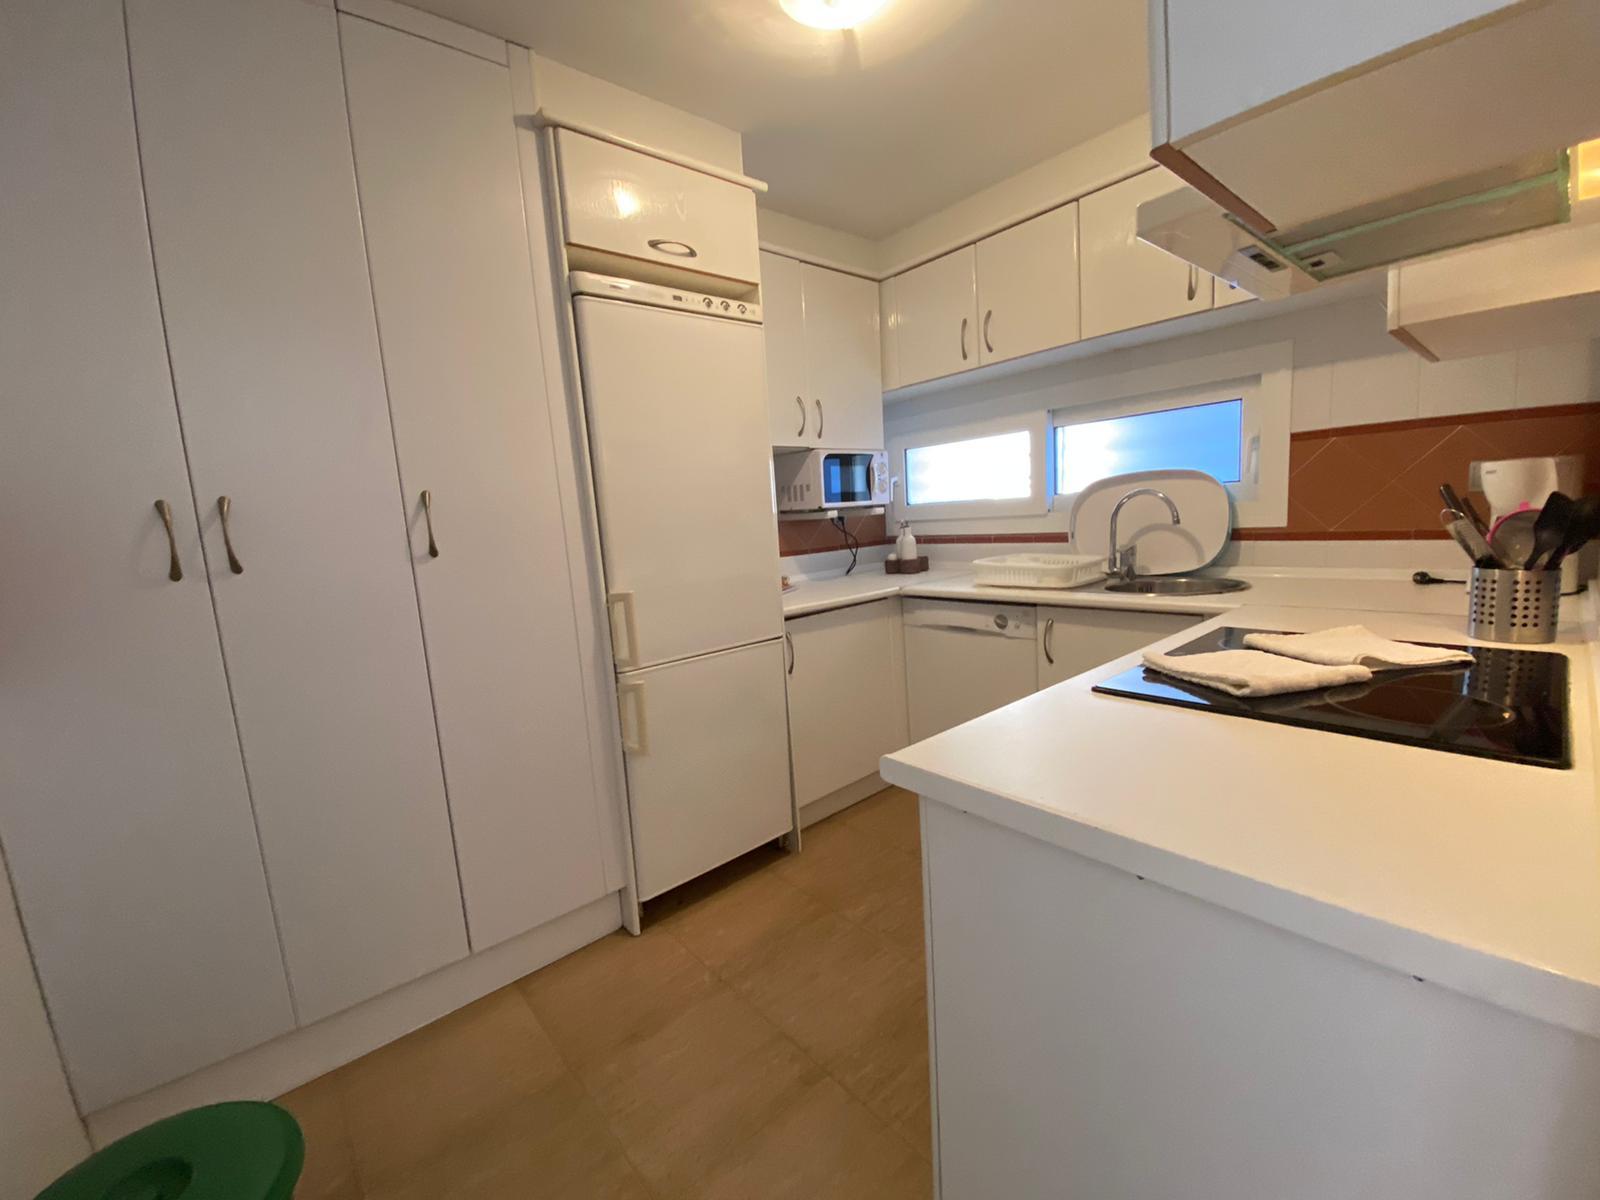 Imagen 19 del Apartamento Turístico, Ático 7 Poniente (3d+2b), Punta del Moral (HUELVA), Paseo de la Cruz nº22